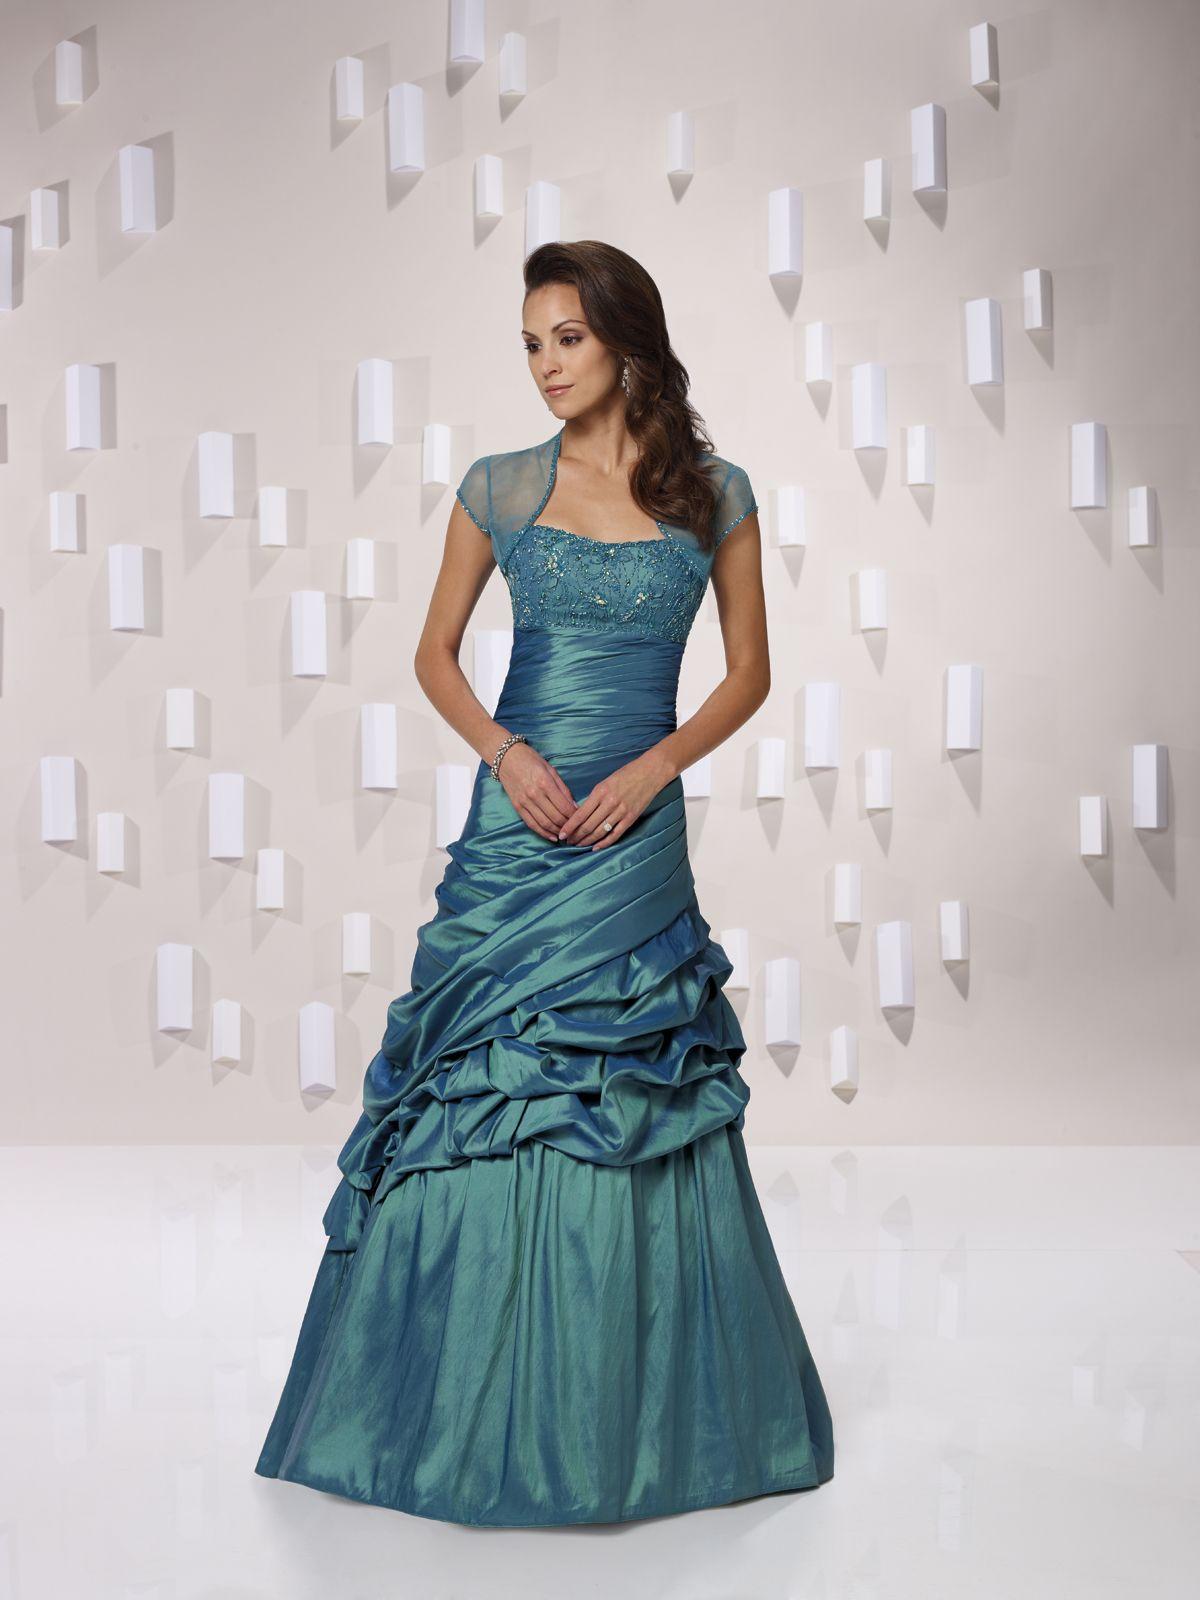 Wedding dresseswedding dresseswedding dresses disney dream